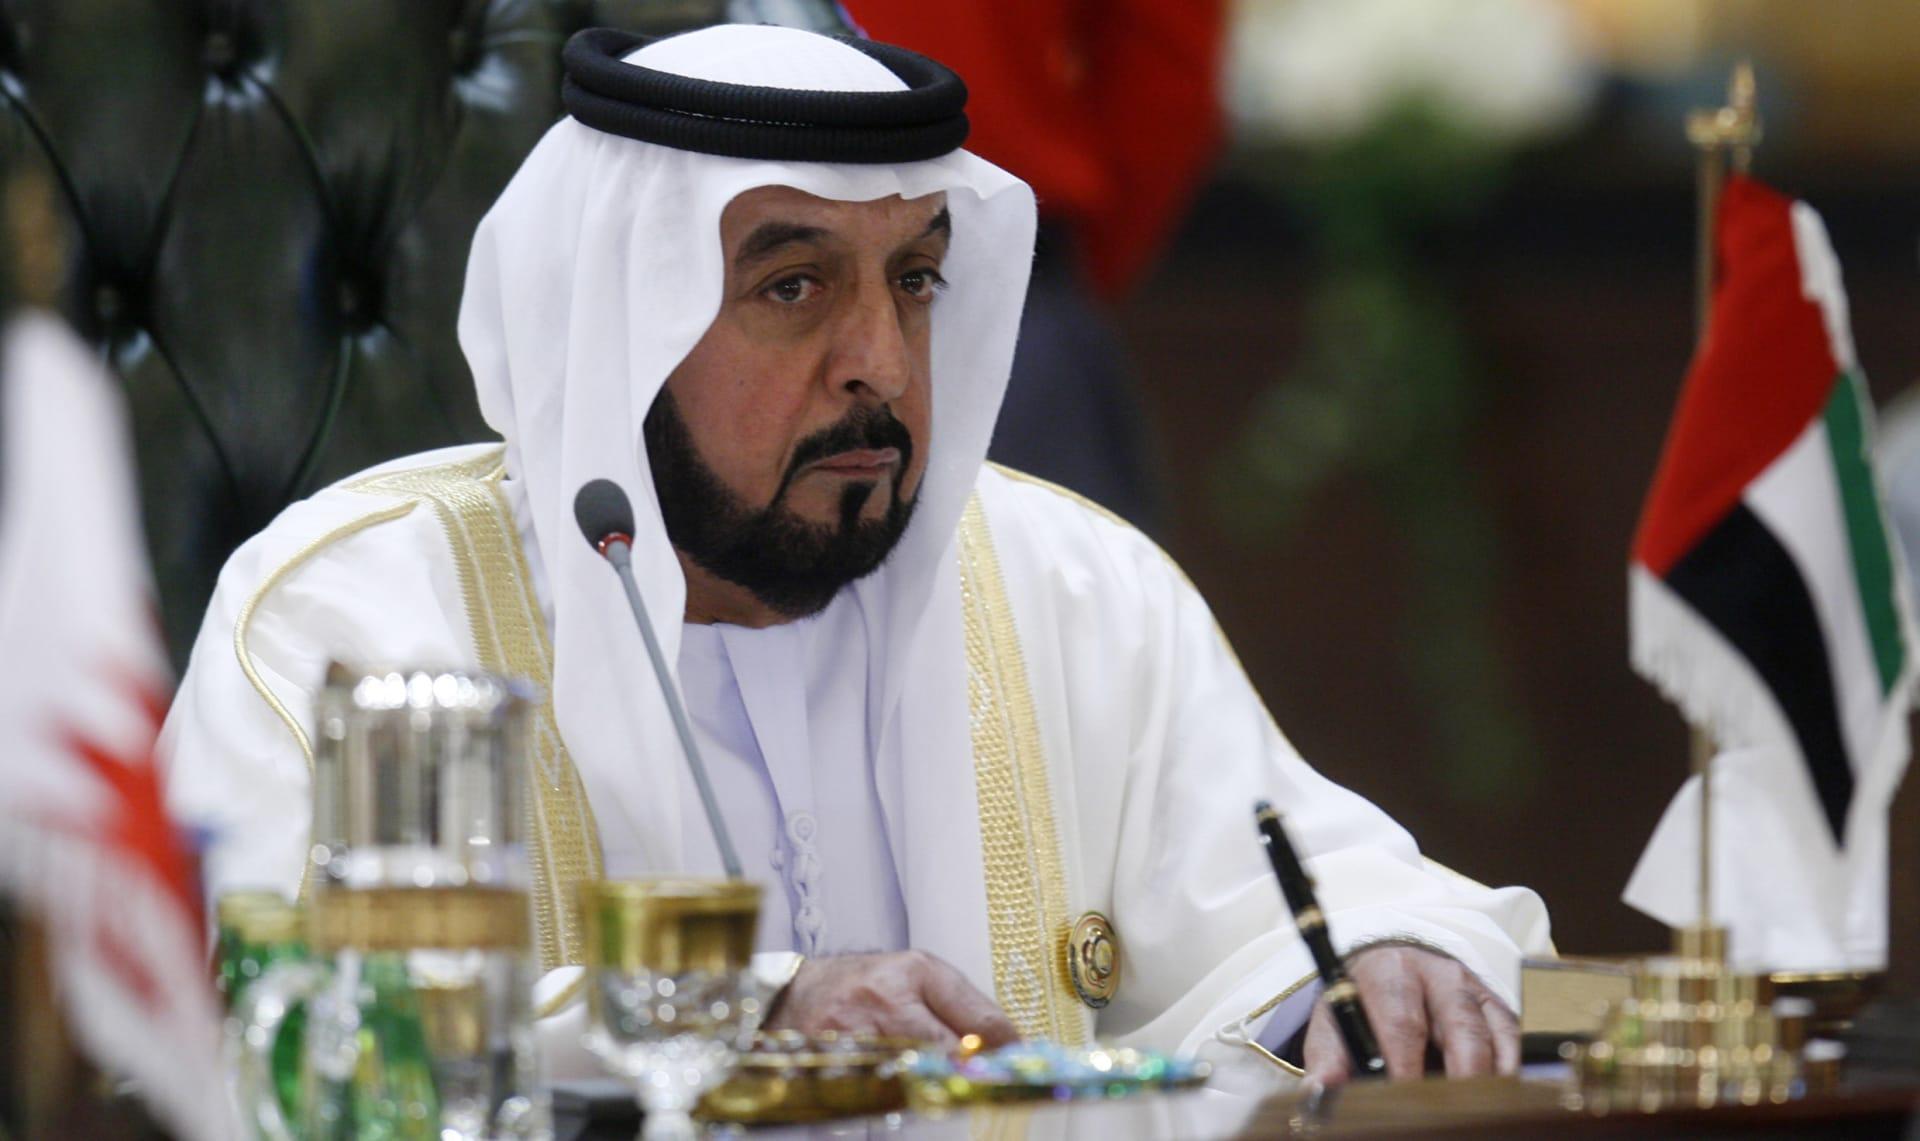 أبوظبي تصدر قانونين لتشجيع الاستثمار والشراكة مع القطاع الخاص